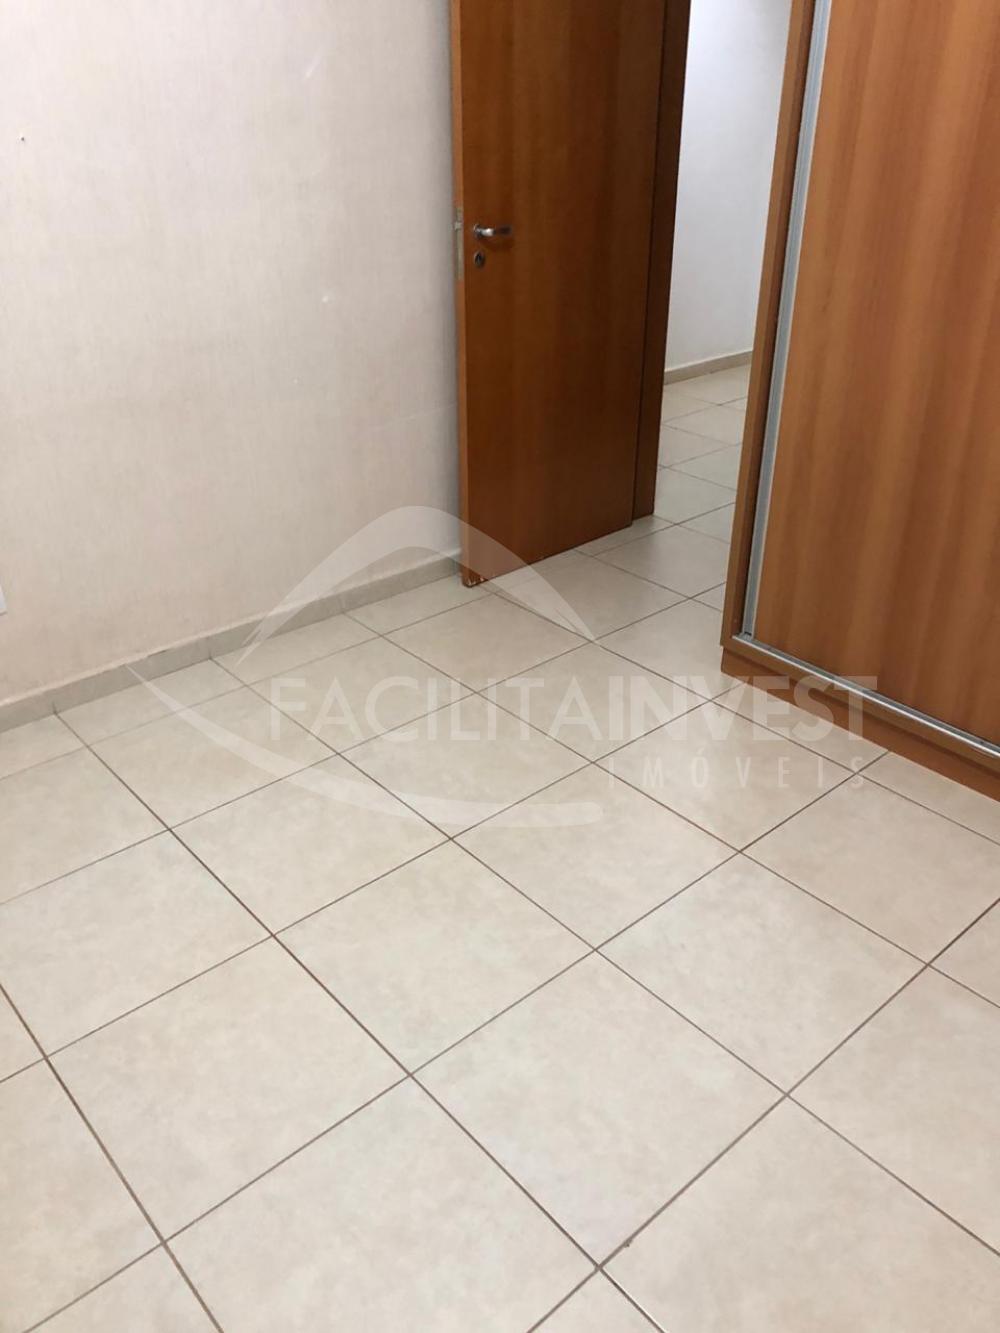 Comprar Apartamentos / Apart. Padrão em Ribeirão Preto apenas R$ 350.000,00 - Foto 8